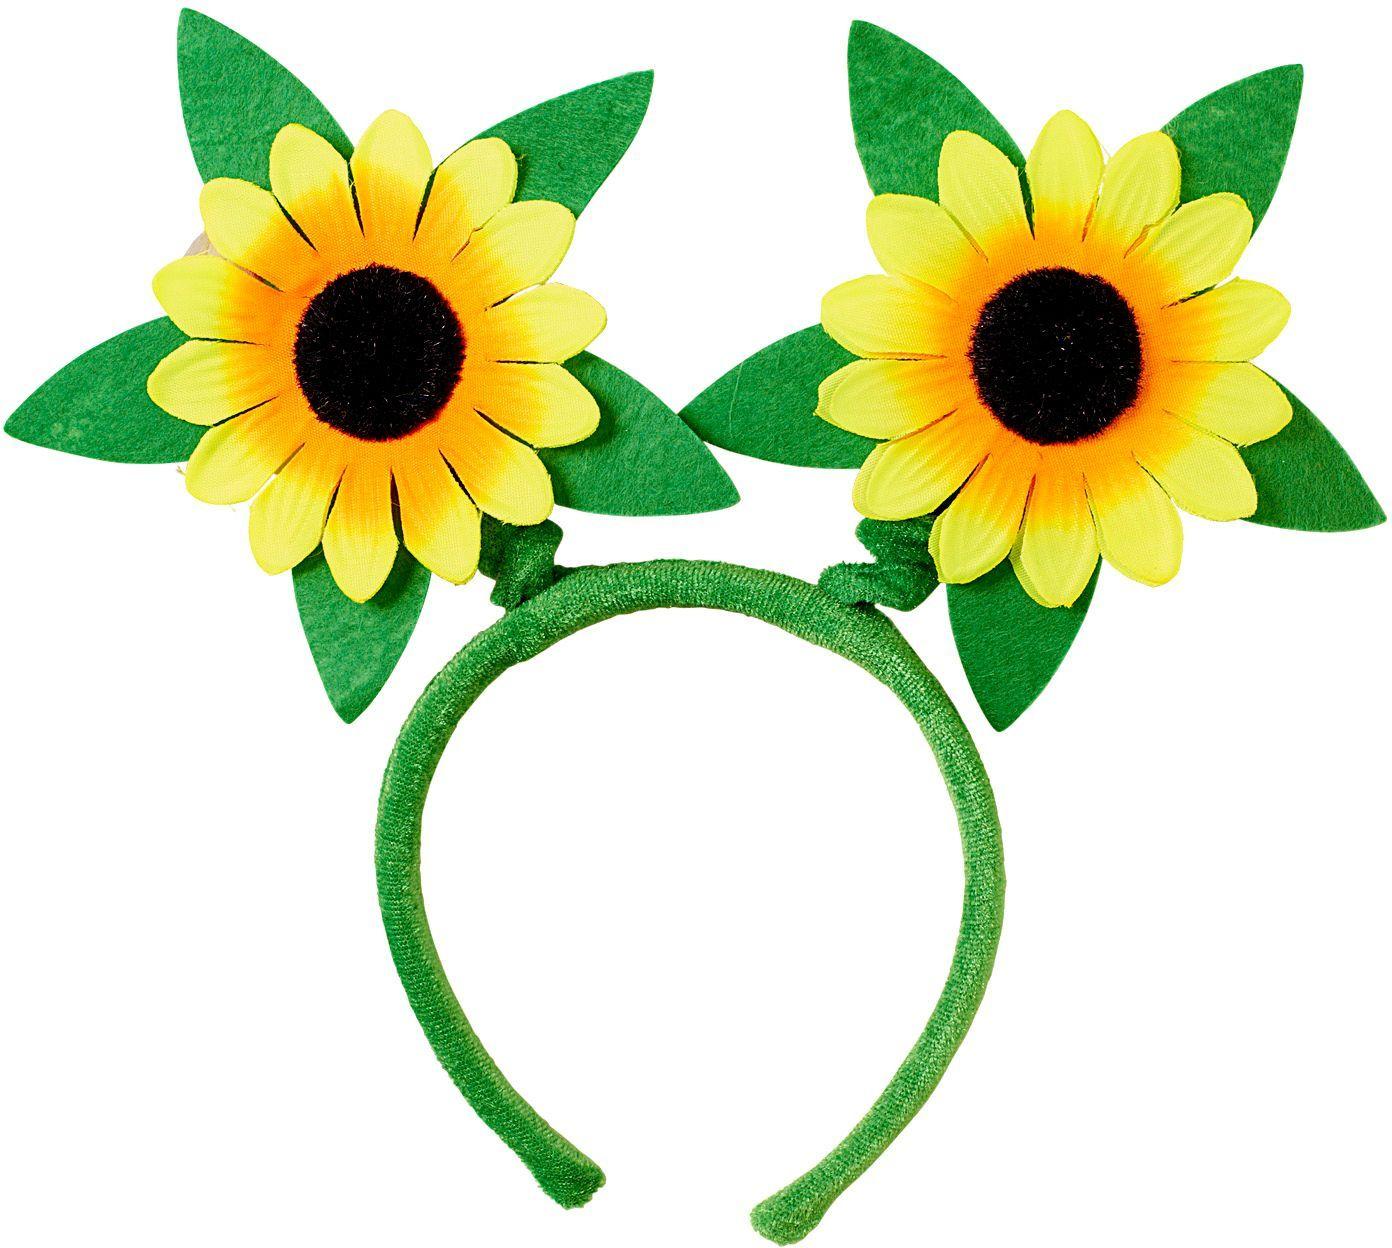 Groene hoofdband met bloemen